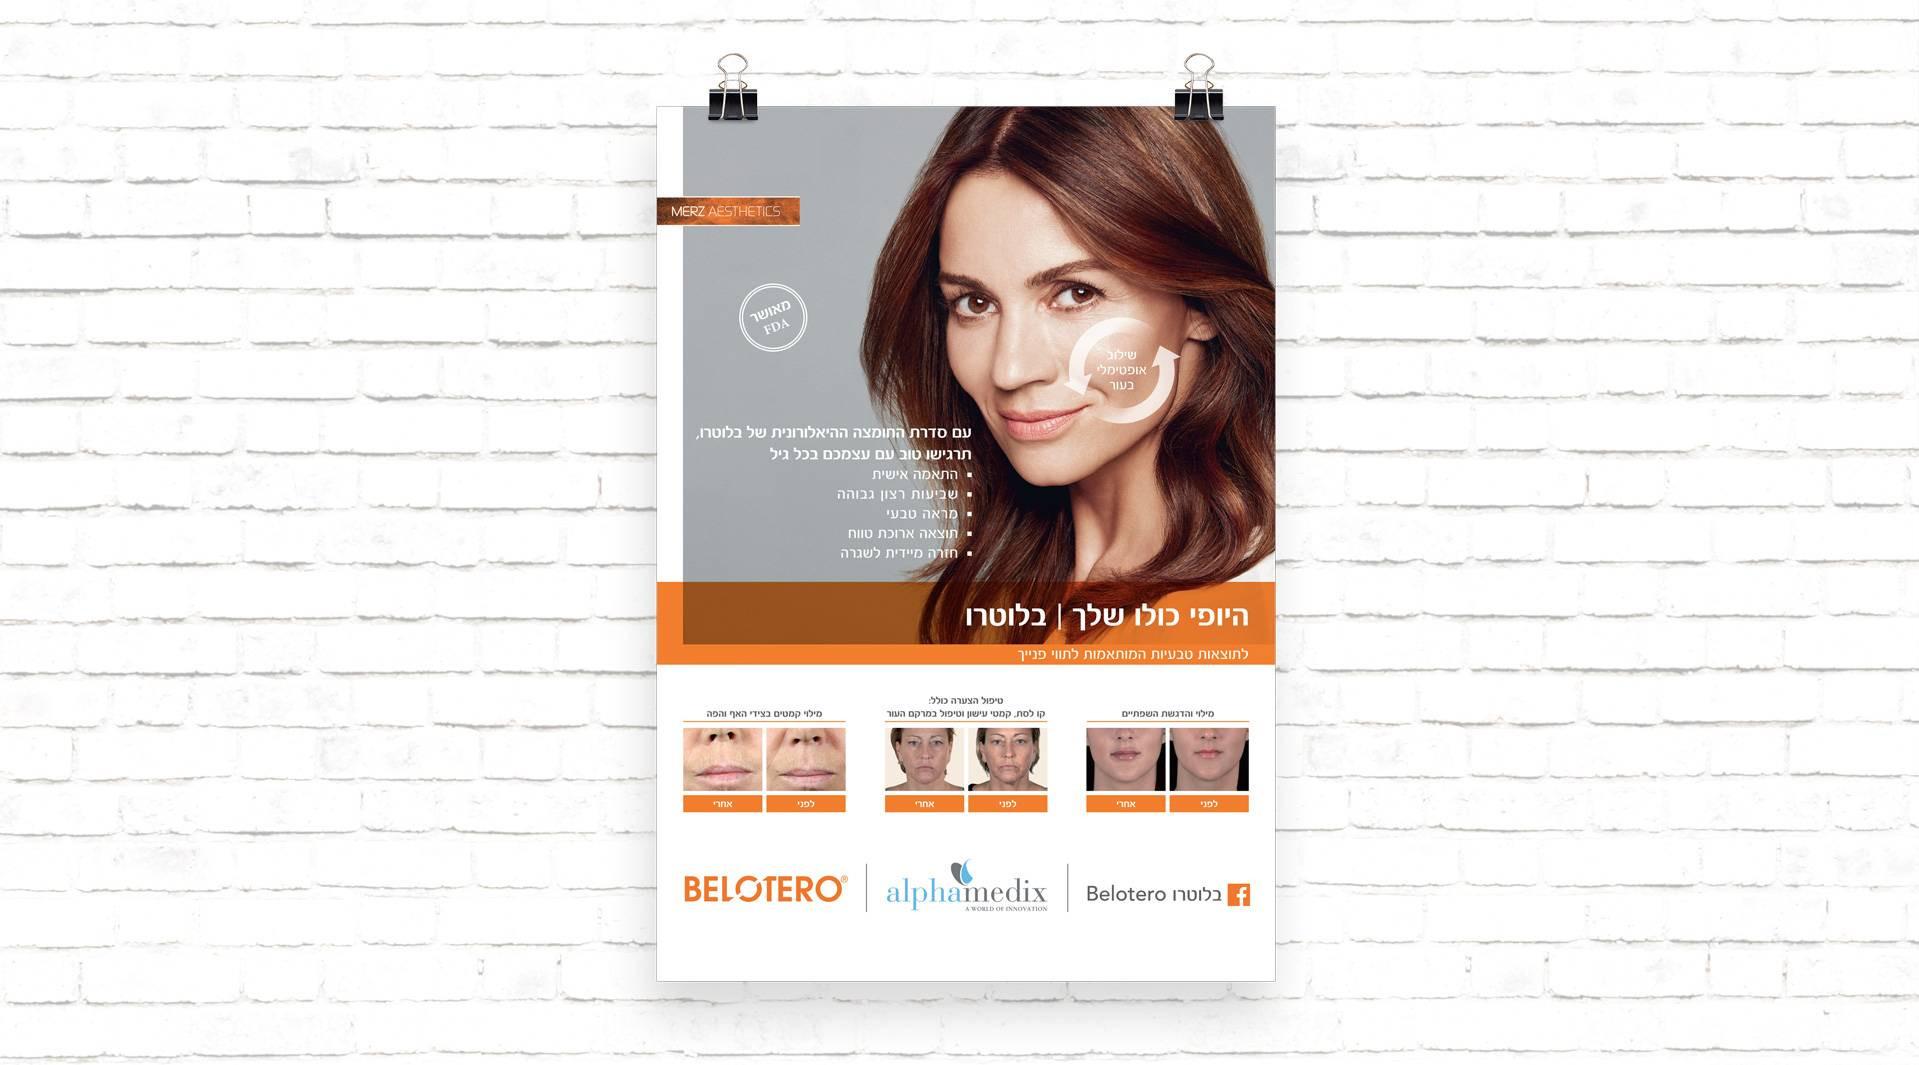 belotero_branding_3.jpg